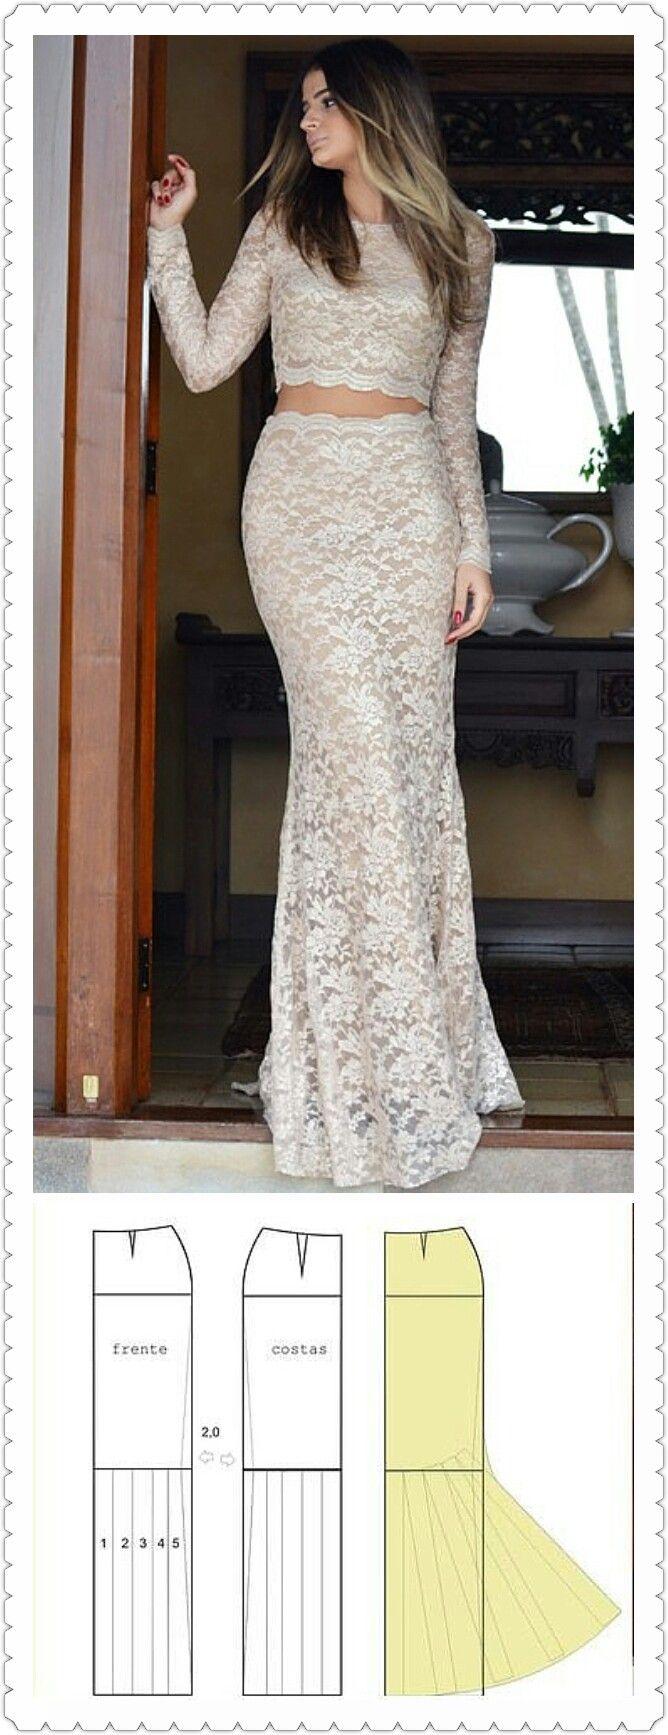 Pin von Emelina auf vestido de novias   Pinterest   Nähen und Kleidung